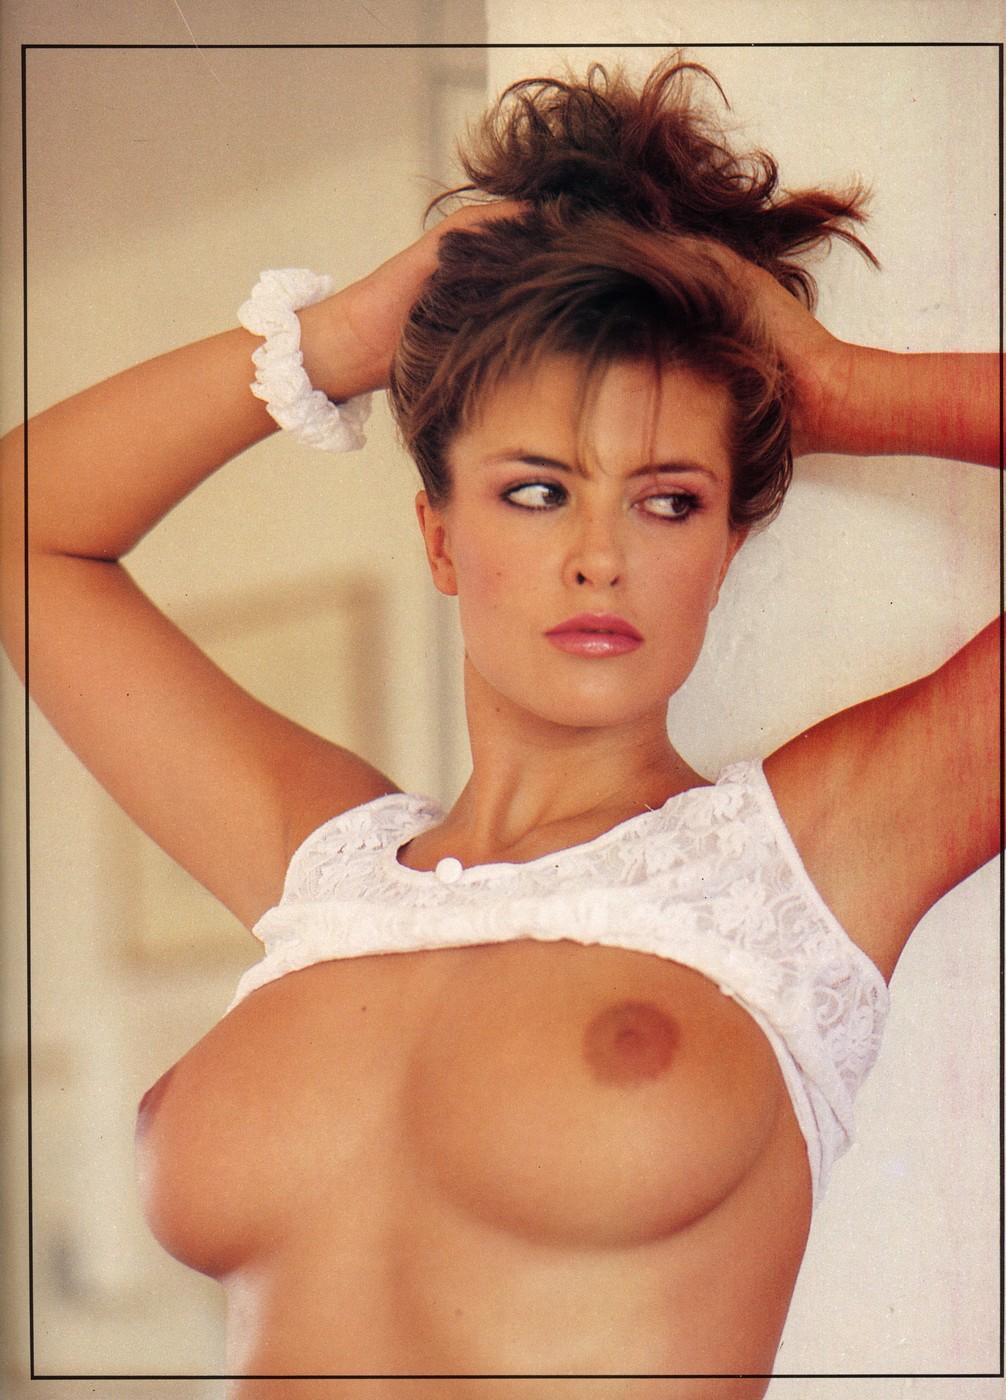 Kirsten Vangsness Ever Been Nude